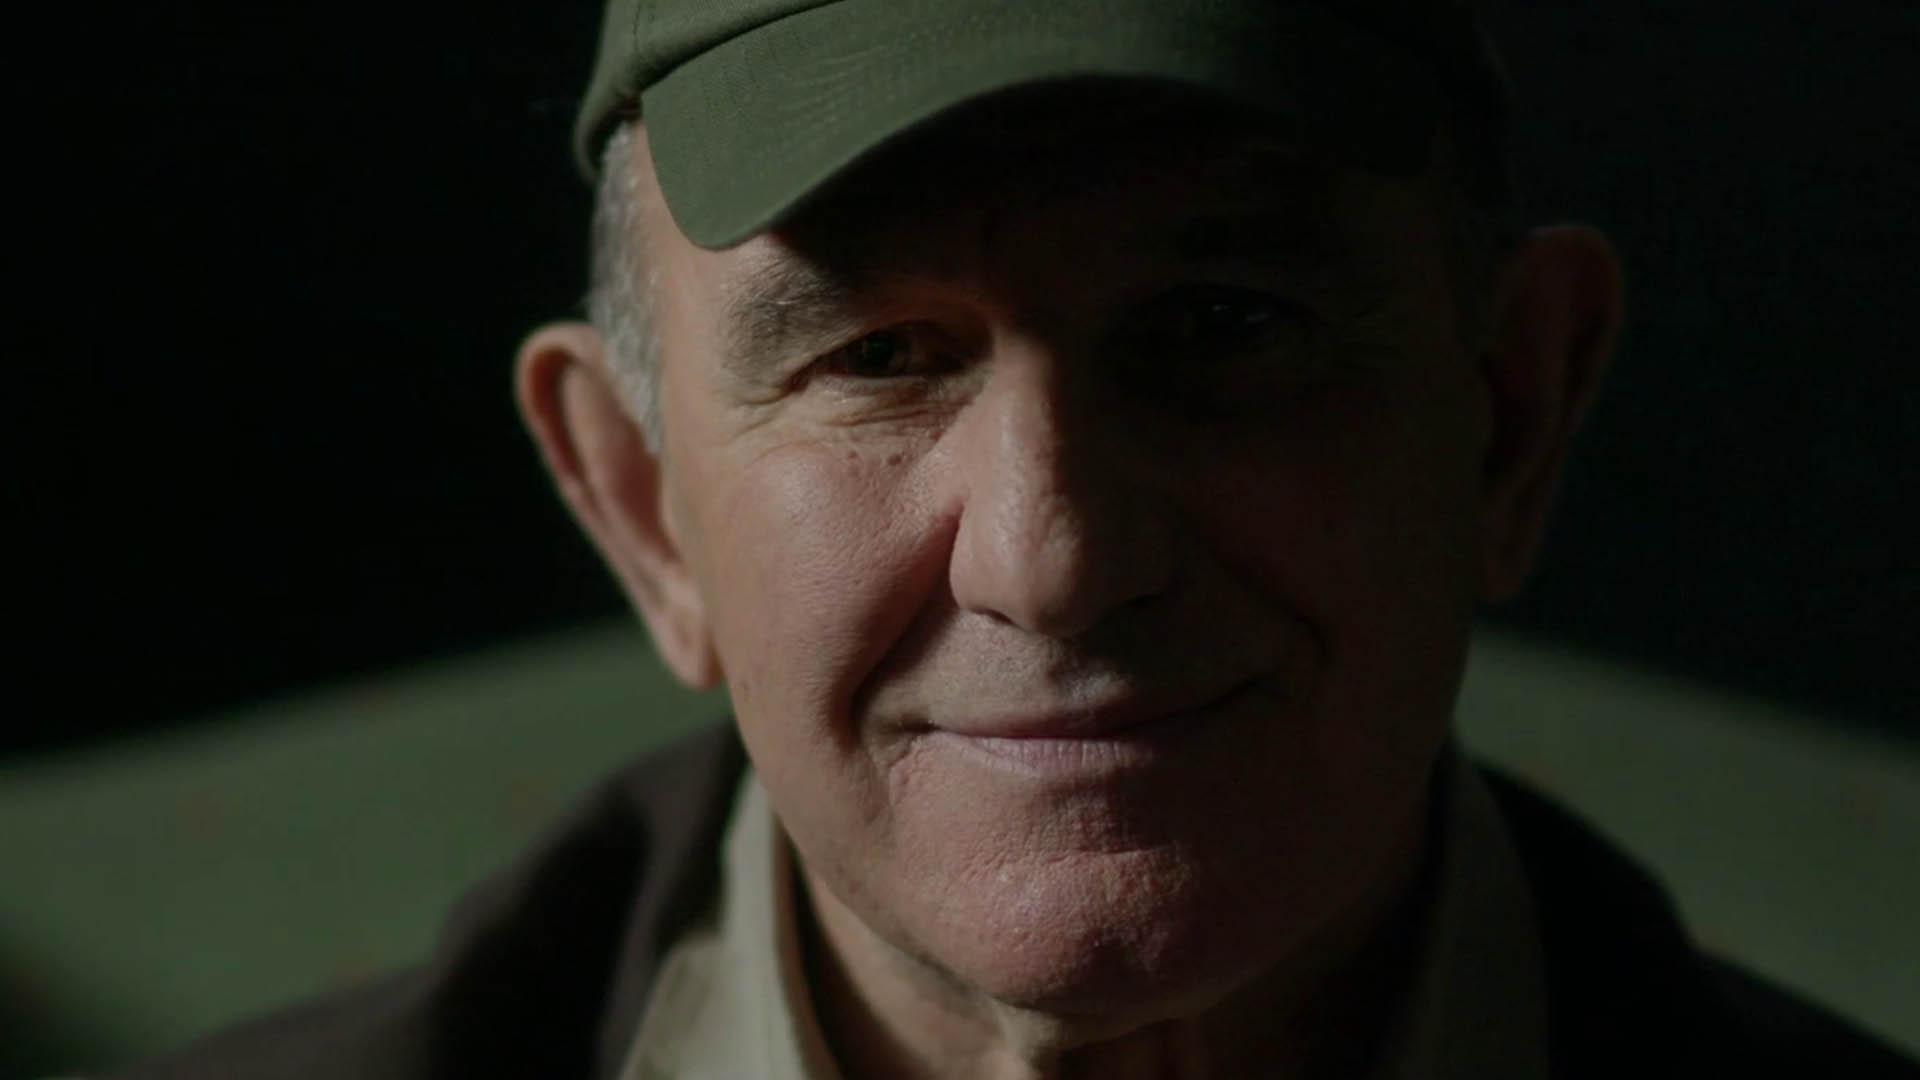 José Luis Korta